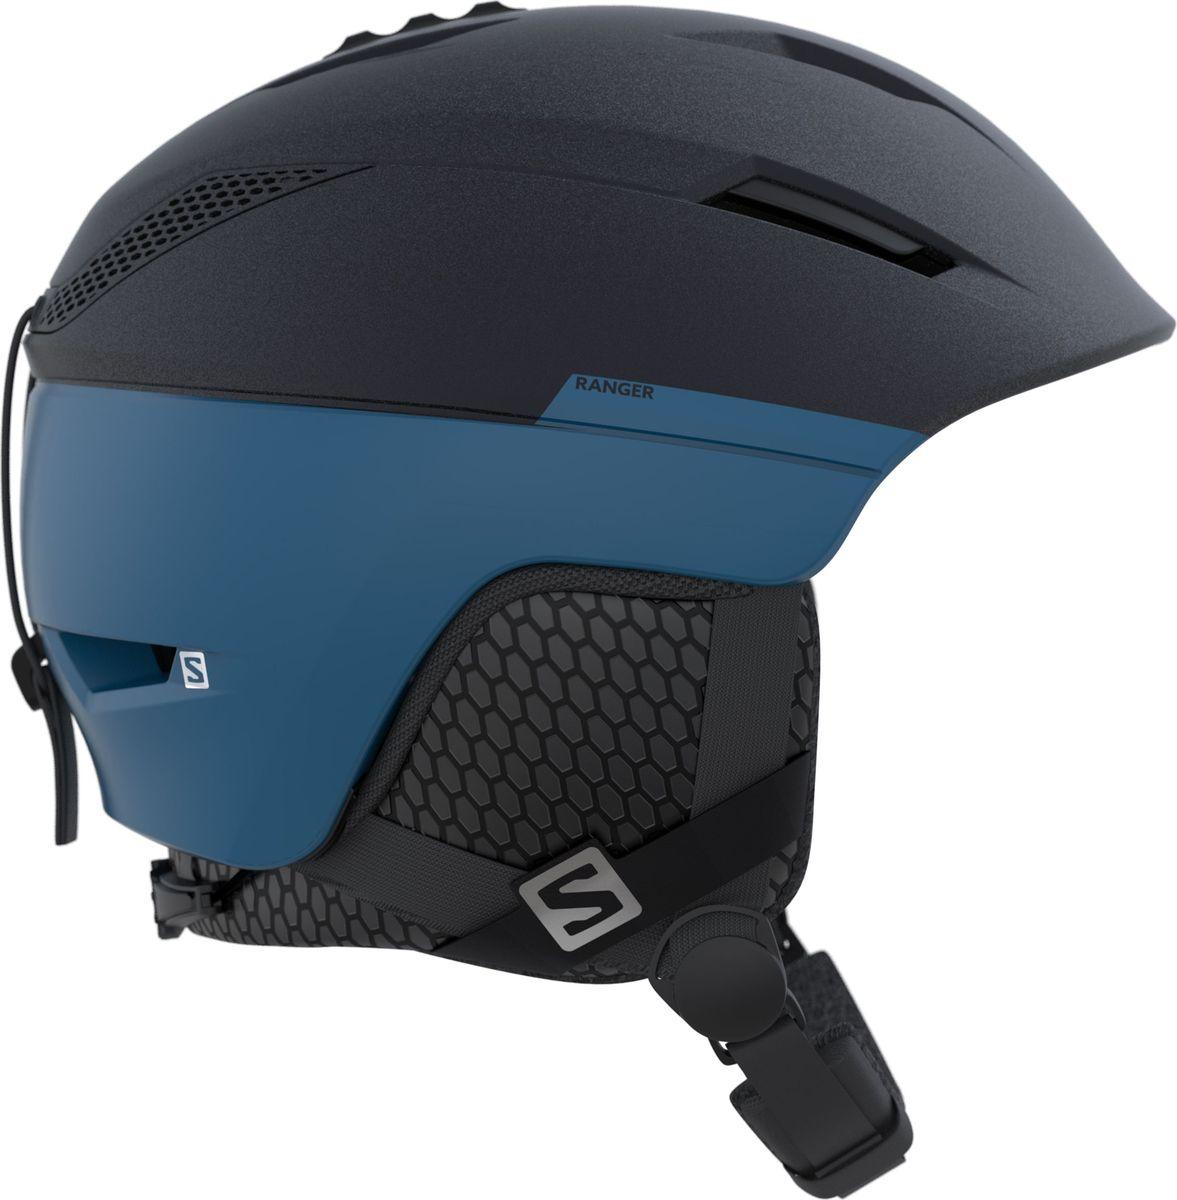 Шлем зимний Salomon Ranger2 Ombre Blue/Hawaiian Su. Размер L (59/62)L39912900Форма этого классического шлема all mountain обновлена, но компактный профиль, который сделал его бестселлером, сохранен. Плюс технология Salomon премиум-уровня EPS 4D для повышения степени защиты - шлем для трассового катания понравится каждому.